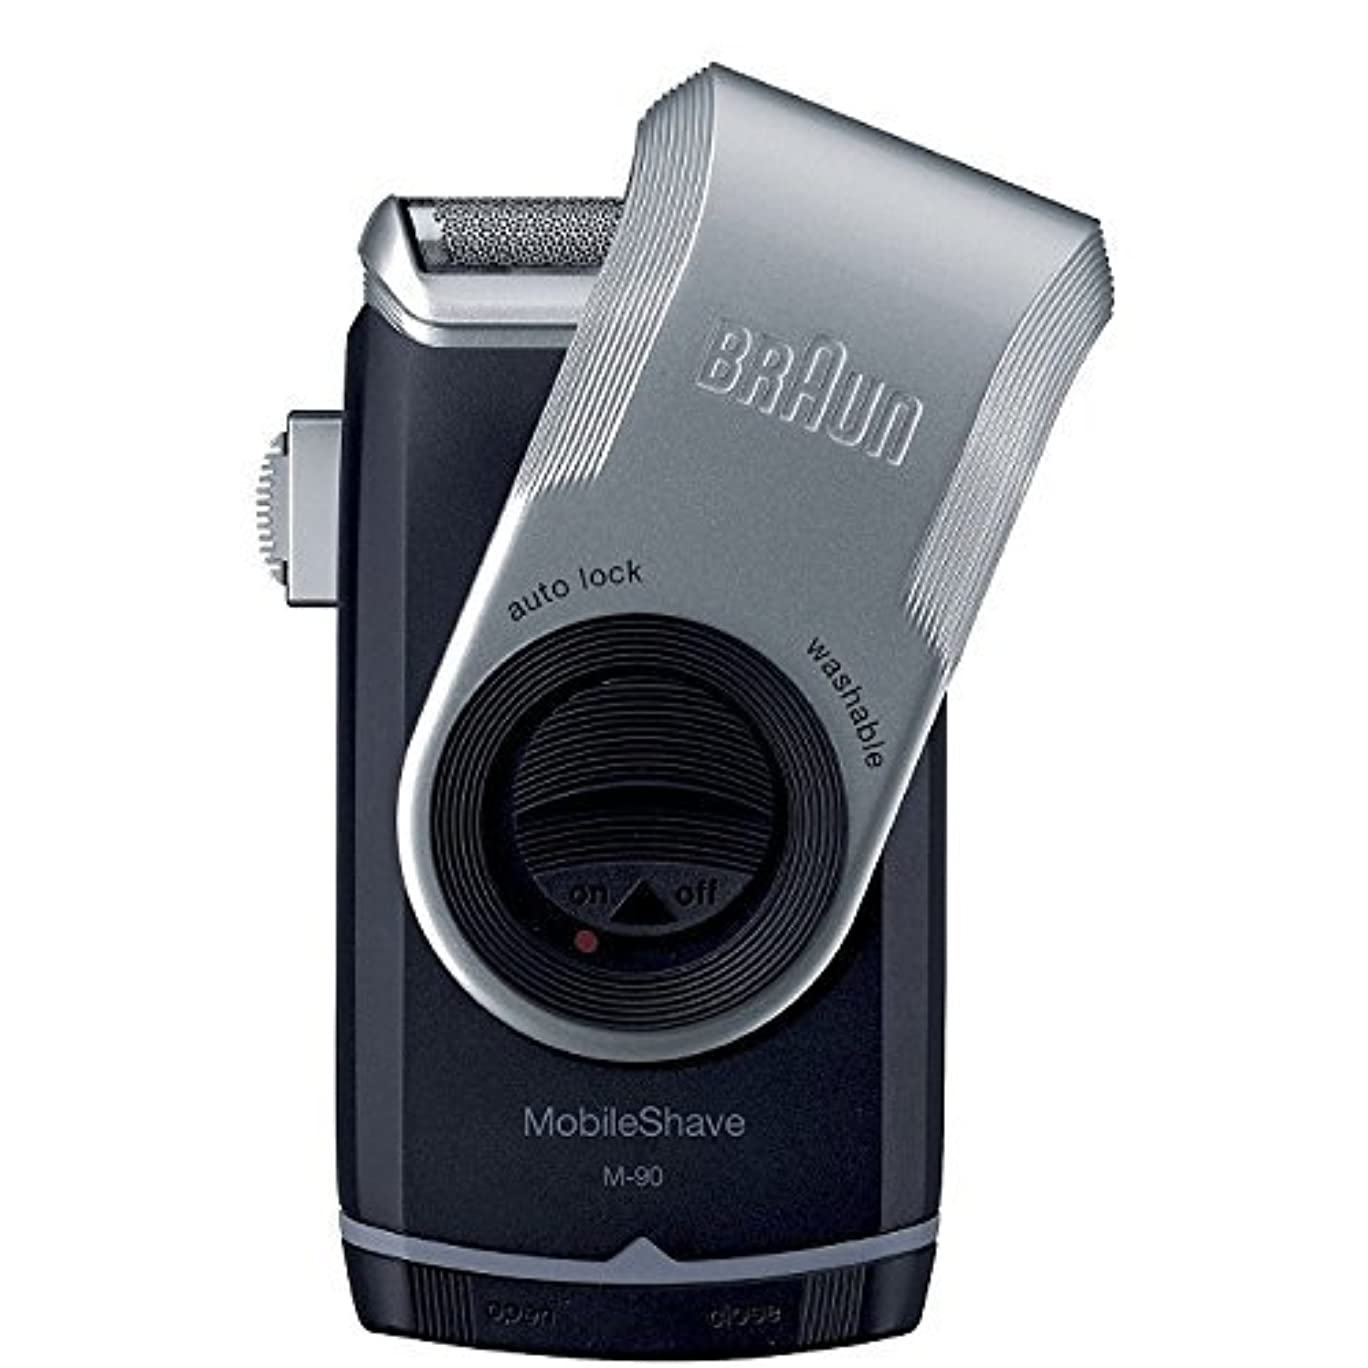 主婦オプショナル彼のBraun M90 Pocketgo Mobileshave スマートホイルでポータブルシェーバー [並行輸入品]